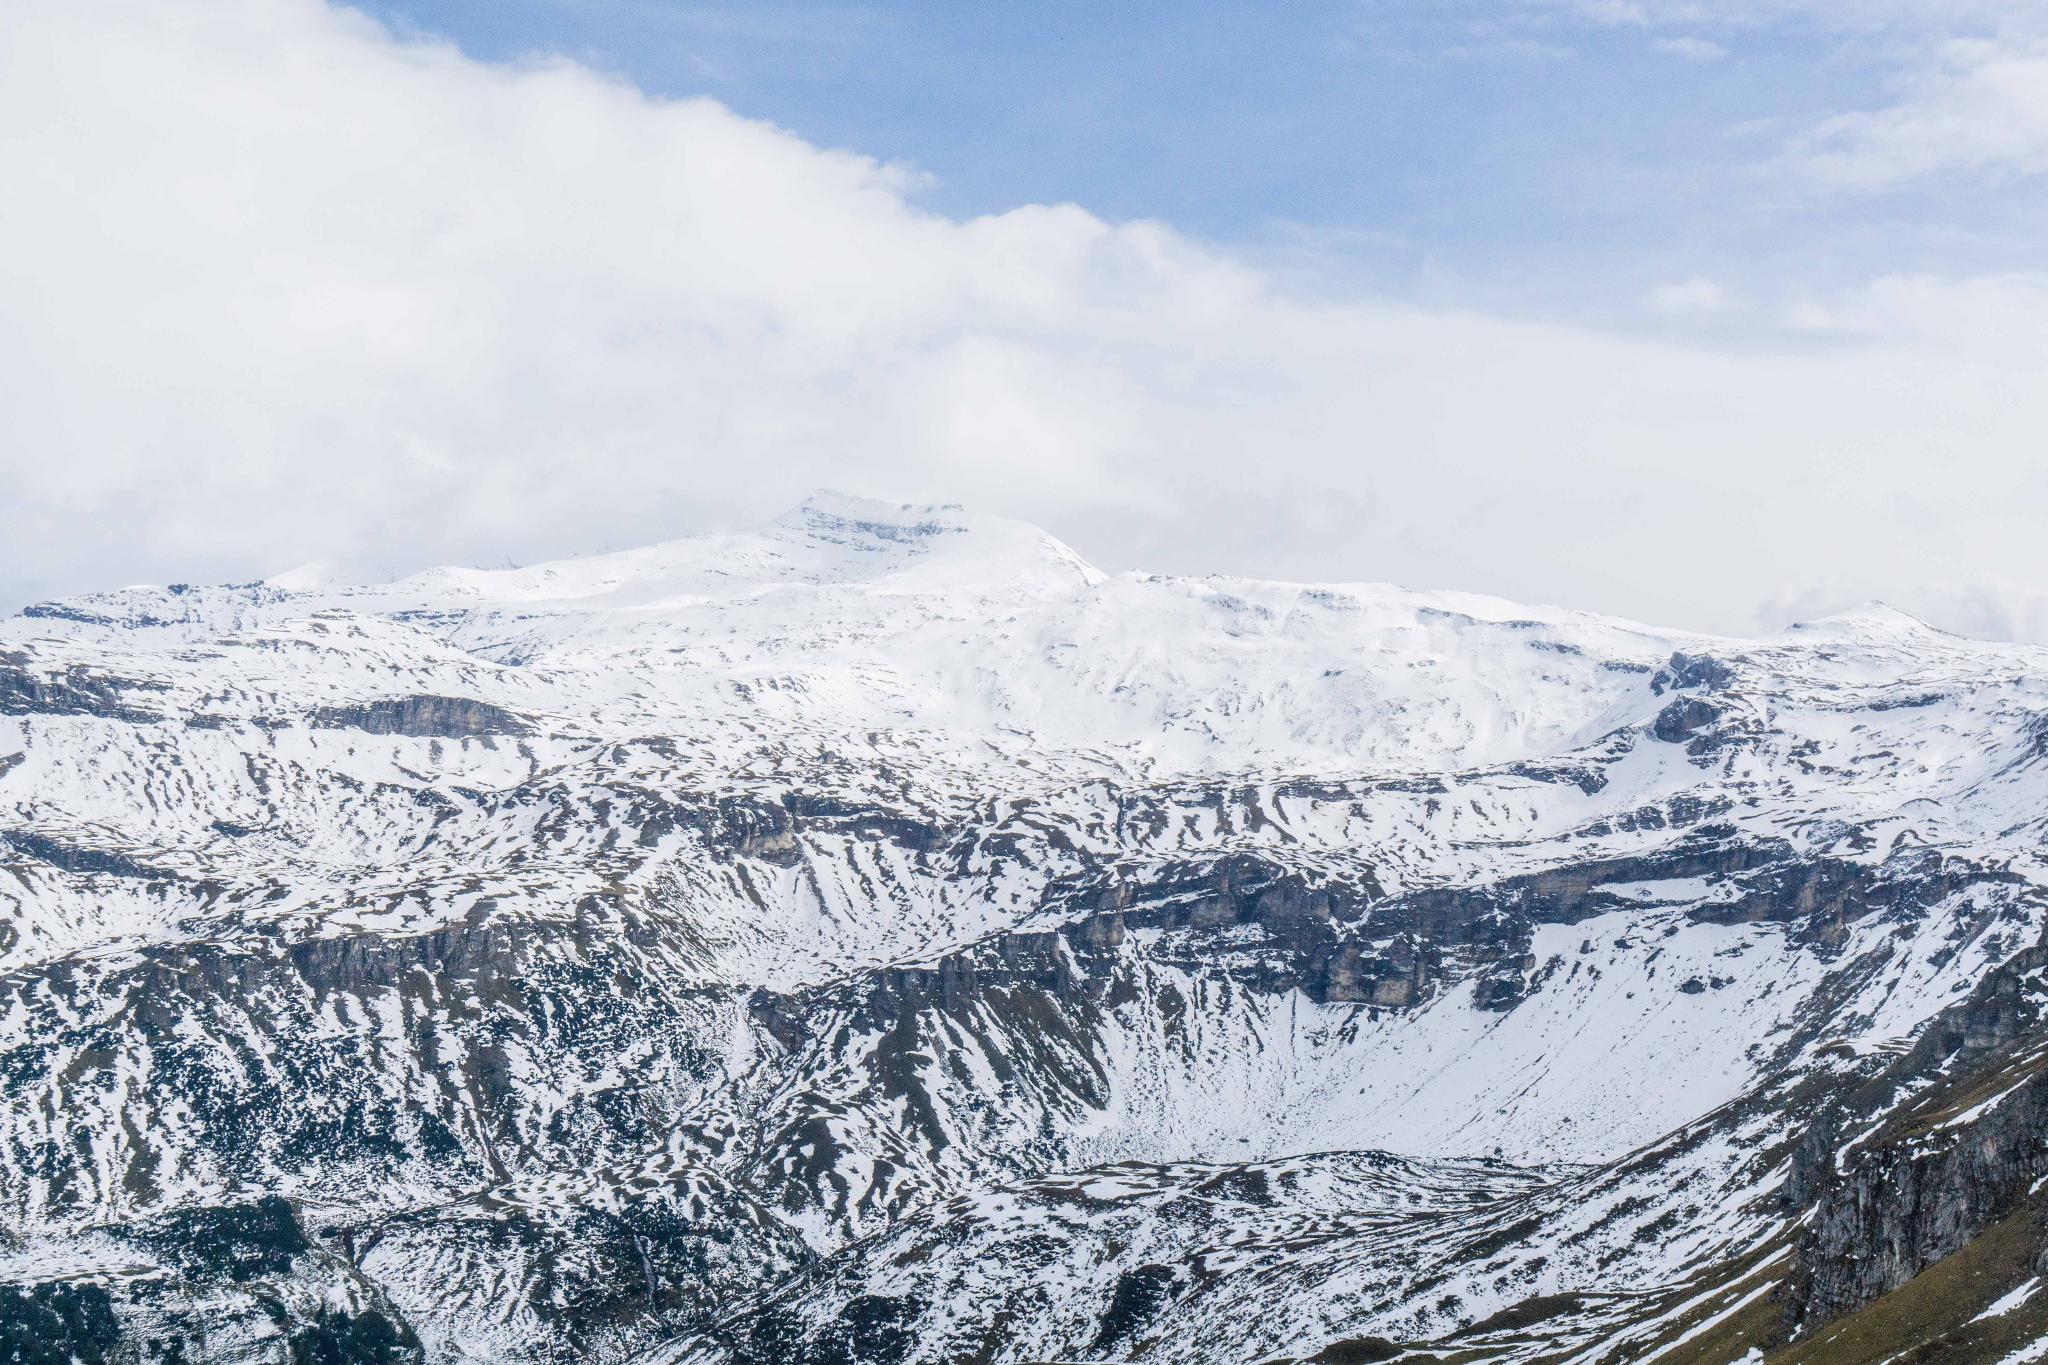 【奧地利】穿越阿爾卑斯之巔 — 奧地利大鐘山冰河公路 (Grossglockner High Alpine Road) 50